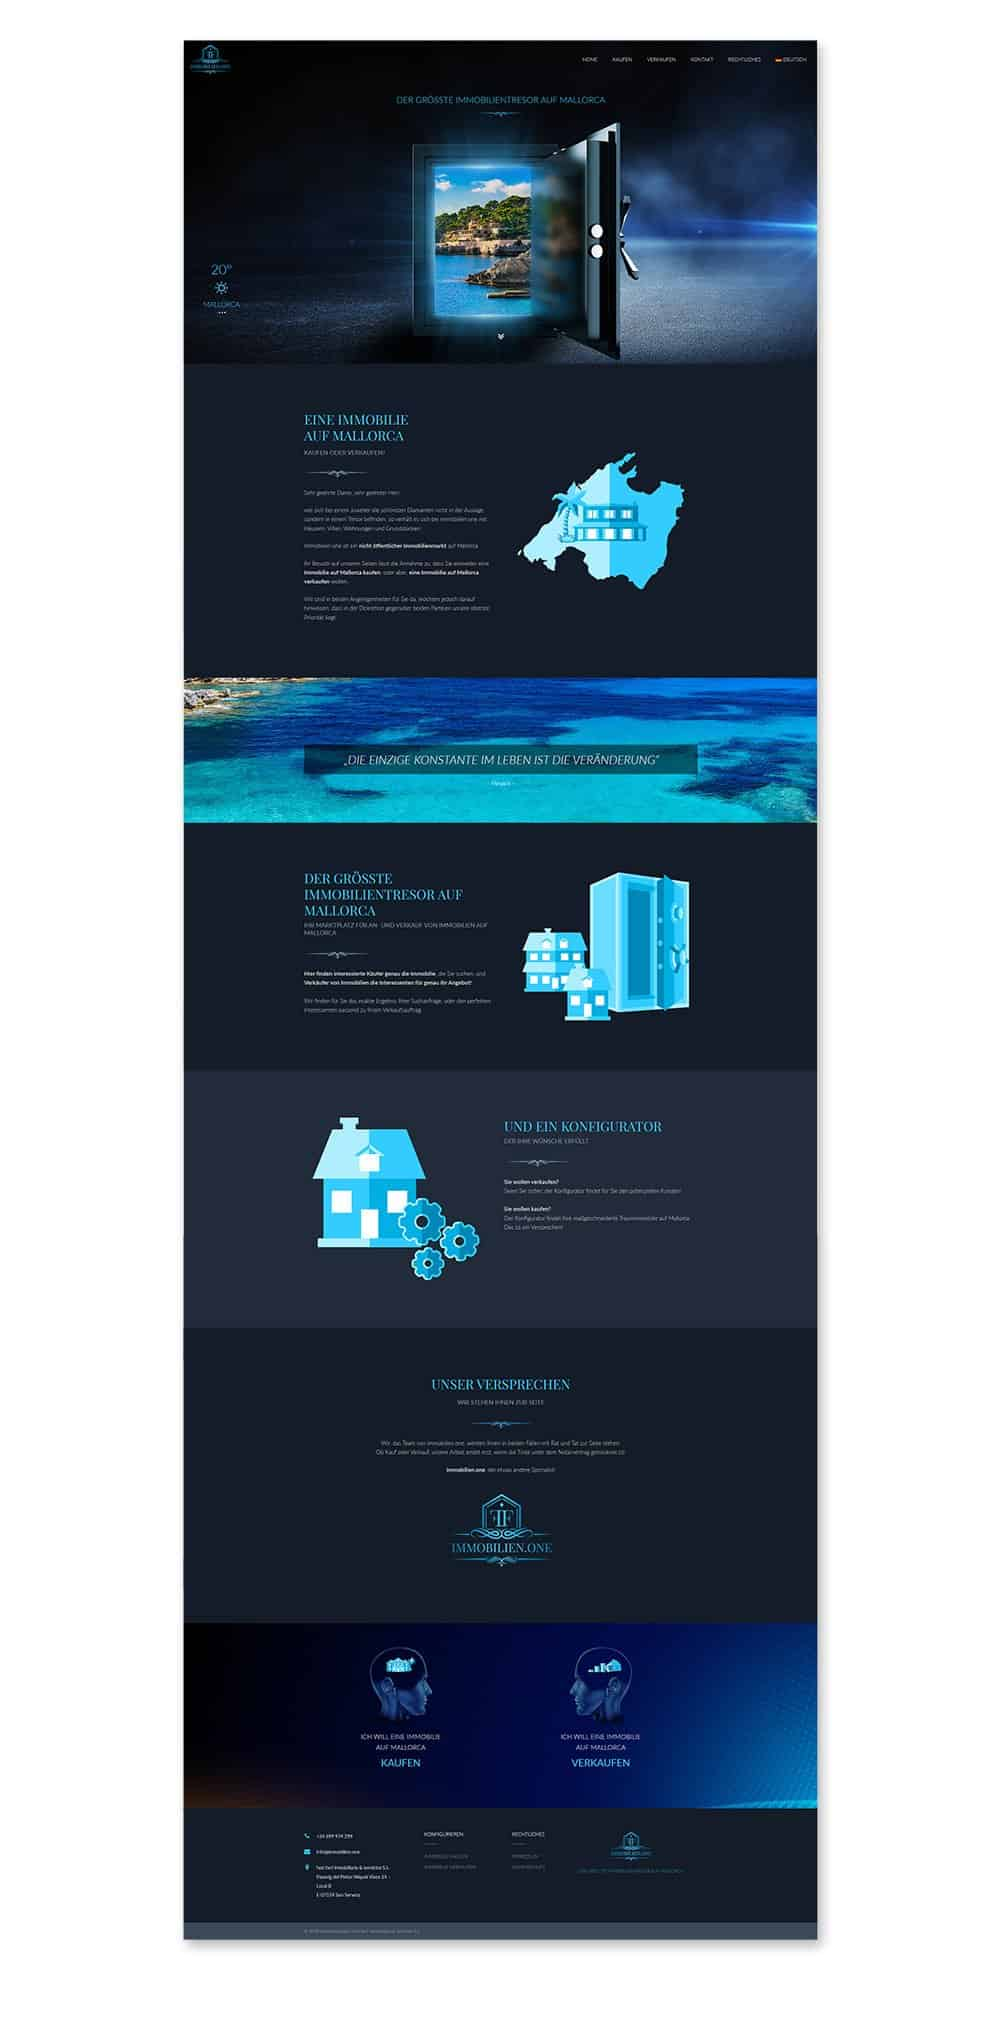 Immobilien.one, Immobilienanbieter, Mallorca, Spanien, Webdesign, Webdesigner Andrea Baitz, Webdesigner Schleswig-Holstein, Eckernförde, Kiel, Webseitenerstellung